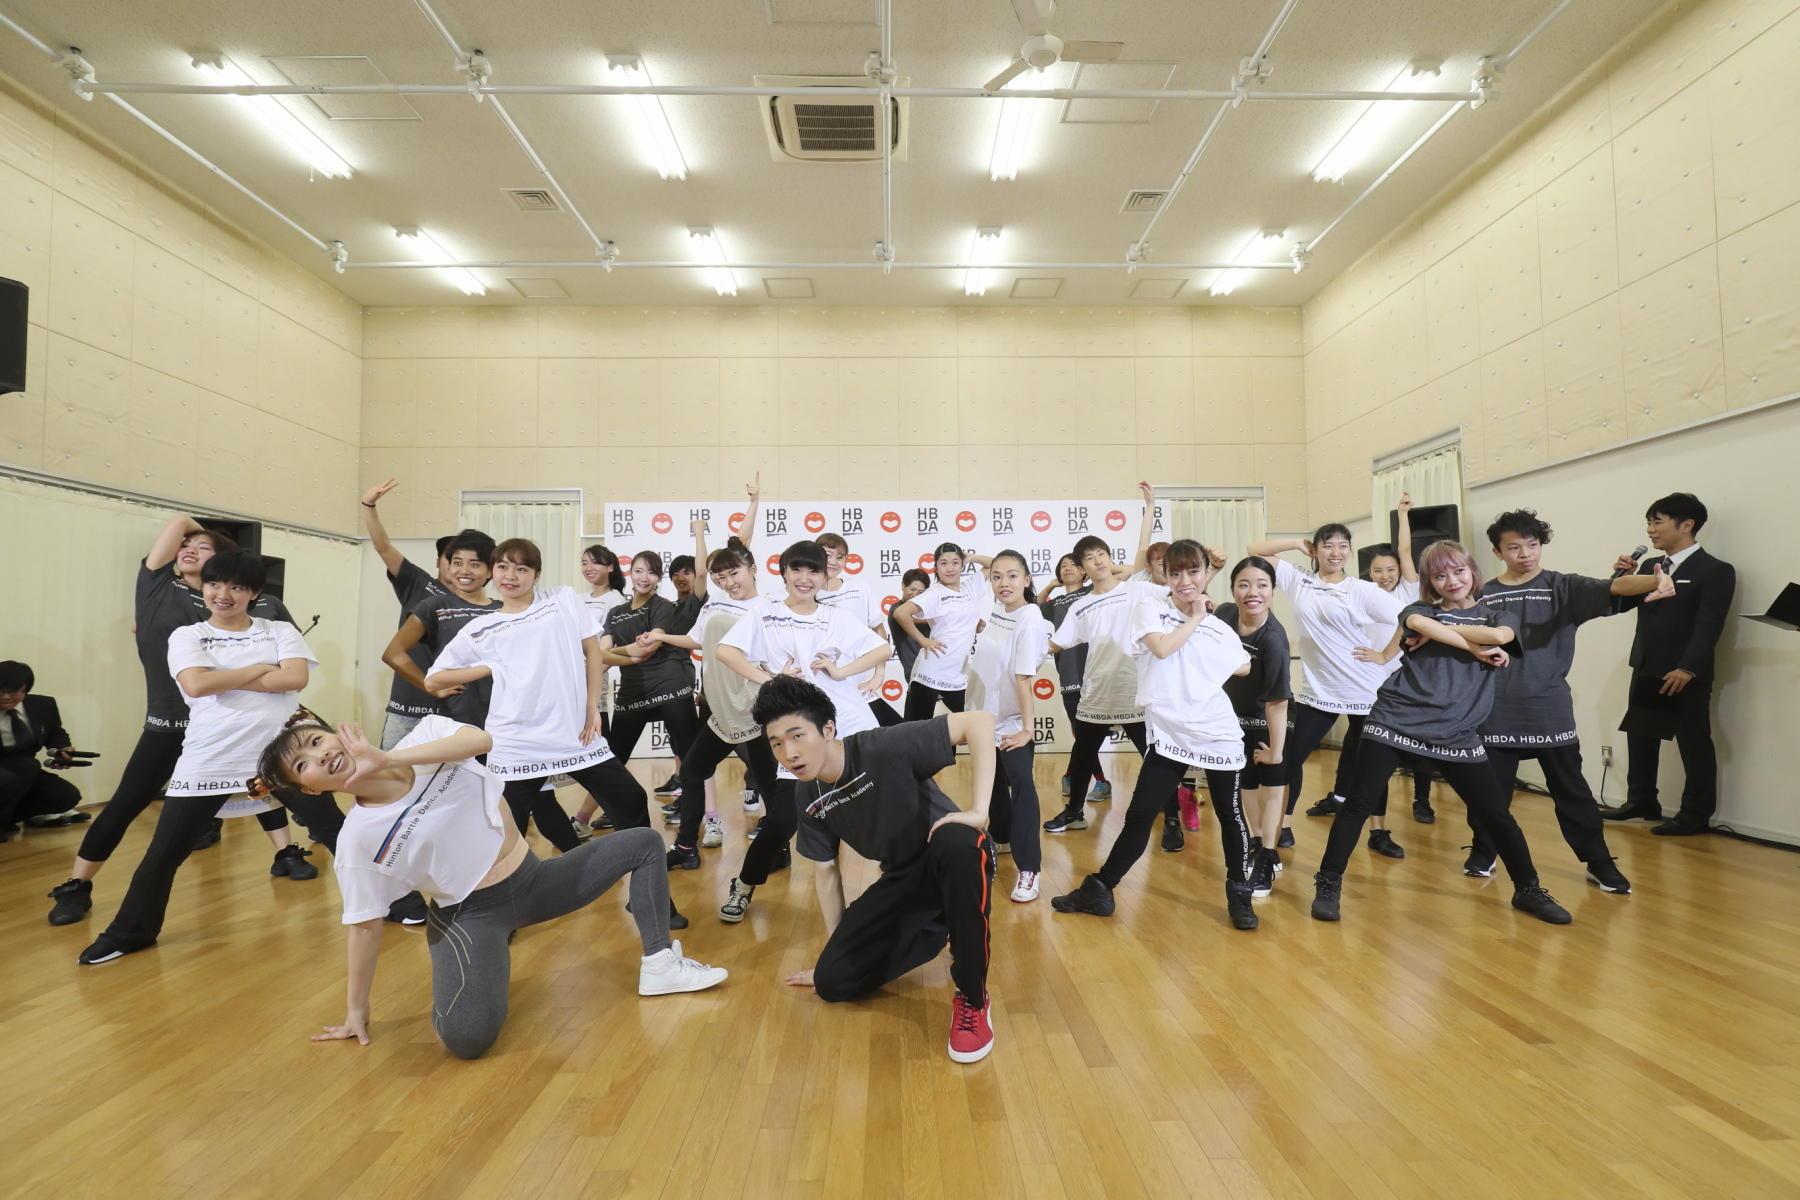 http://news.yoshimoto.co.jp/20170411184021-fbfdc953b5825448fd3f2ad721070b66267d21a6.jpg